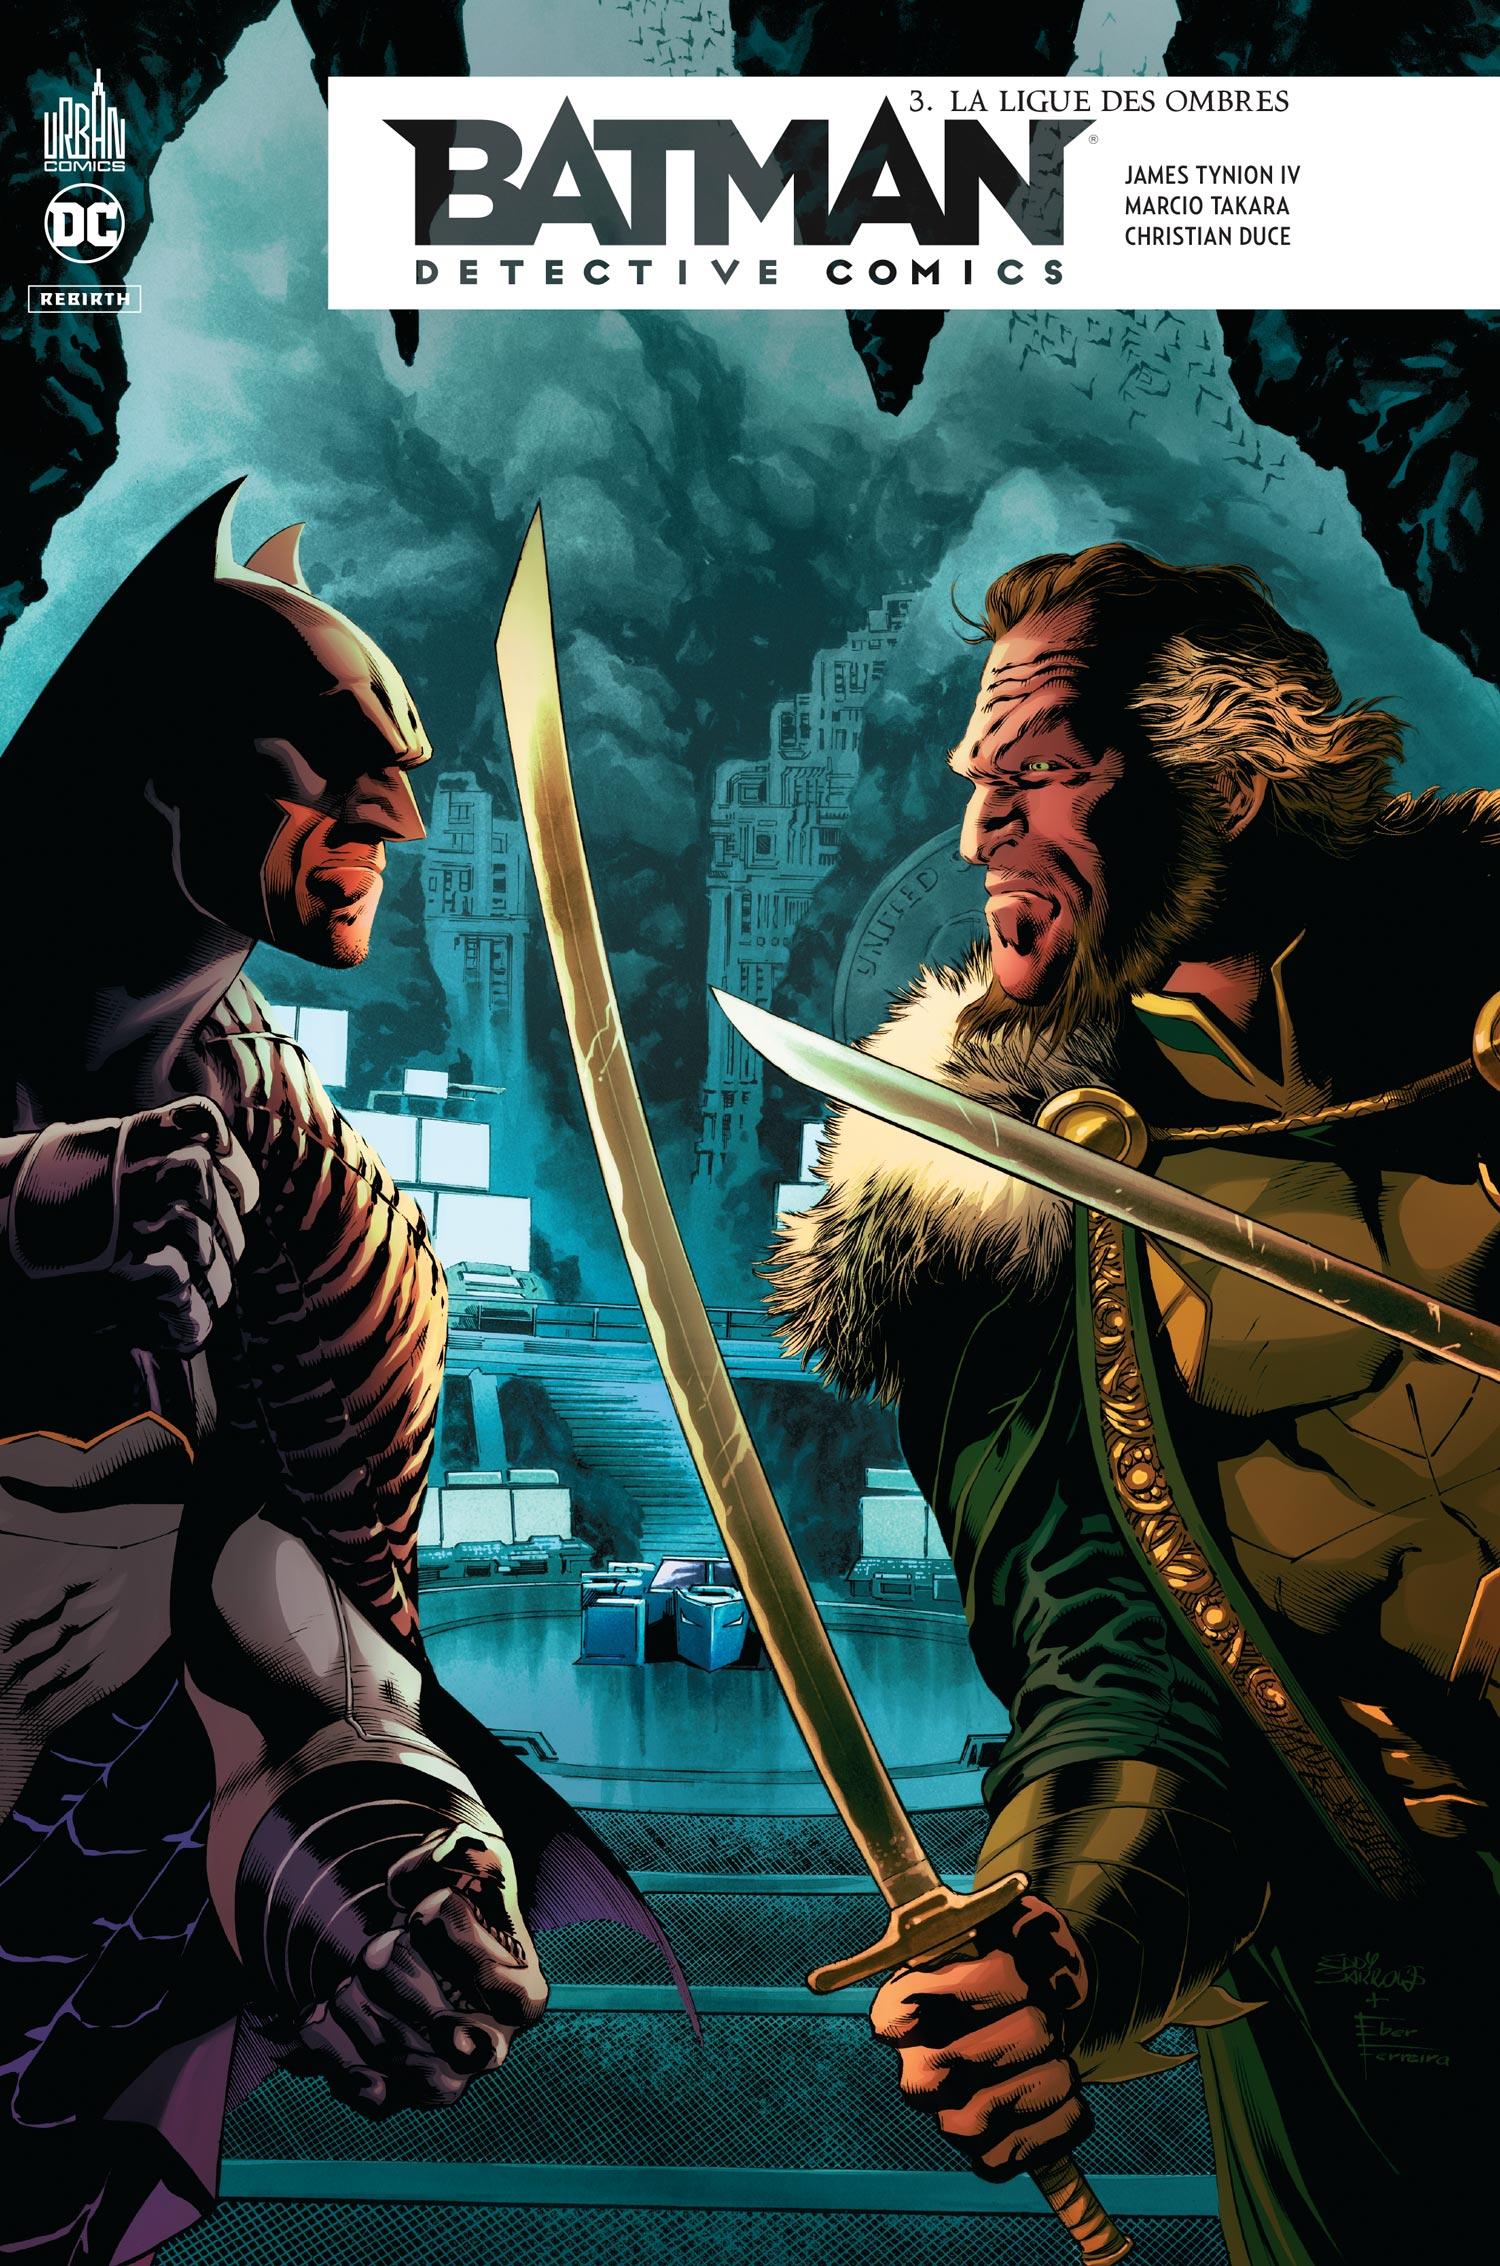 Batman - Detective Comics 3 - La Ligue des Ombres